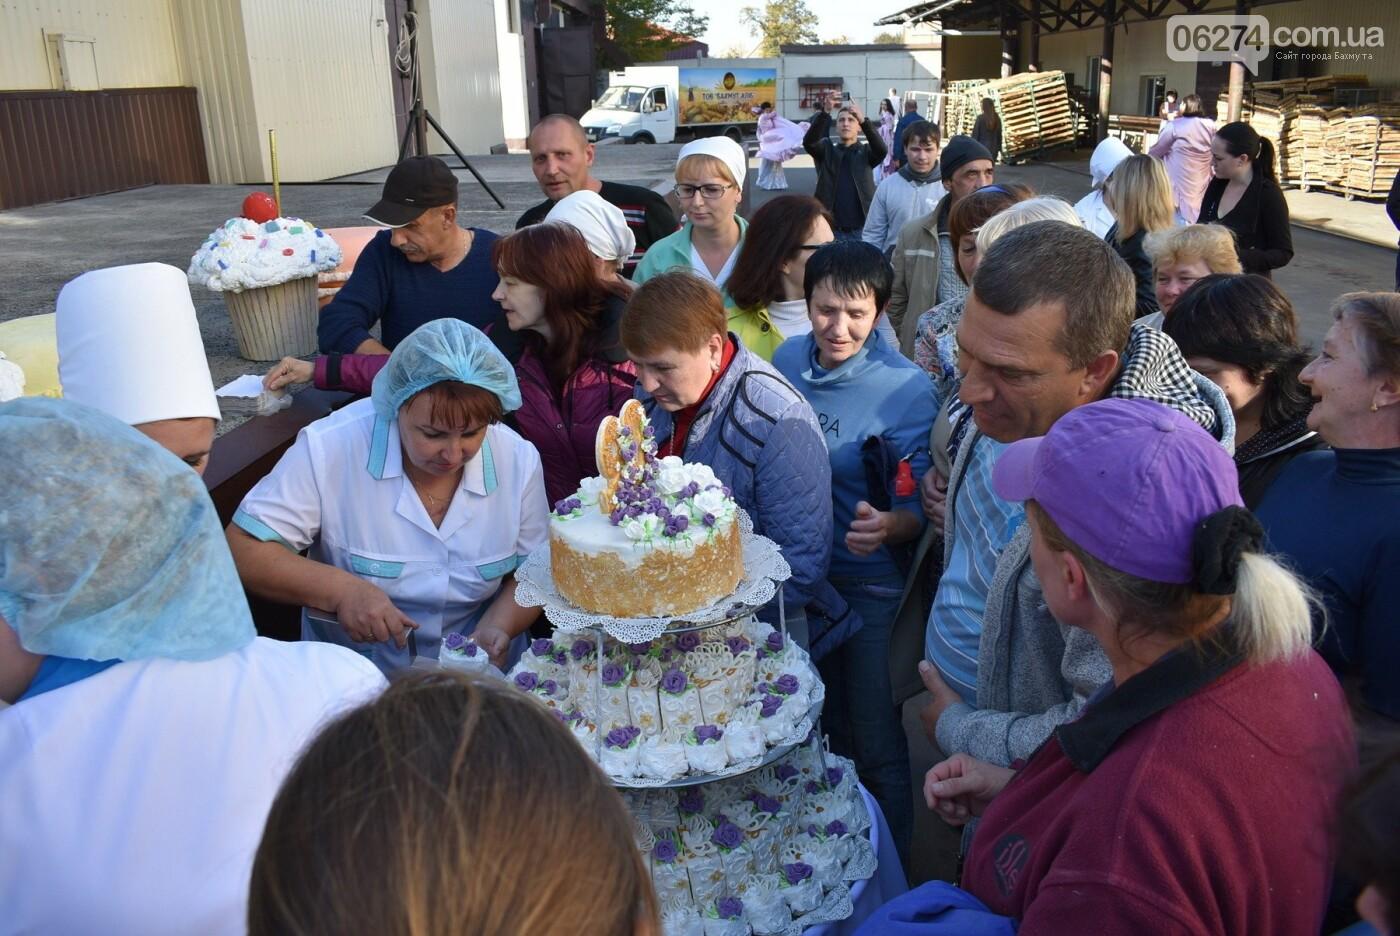 ООО «Бахмут-хлеб» отметило свое 90-летие, фото-9